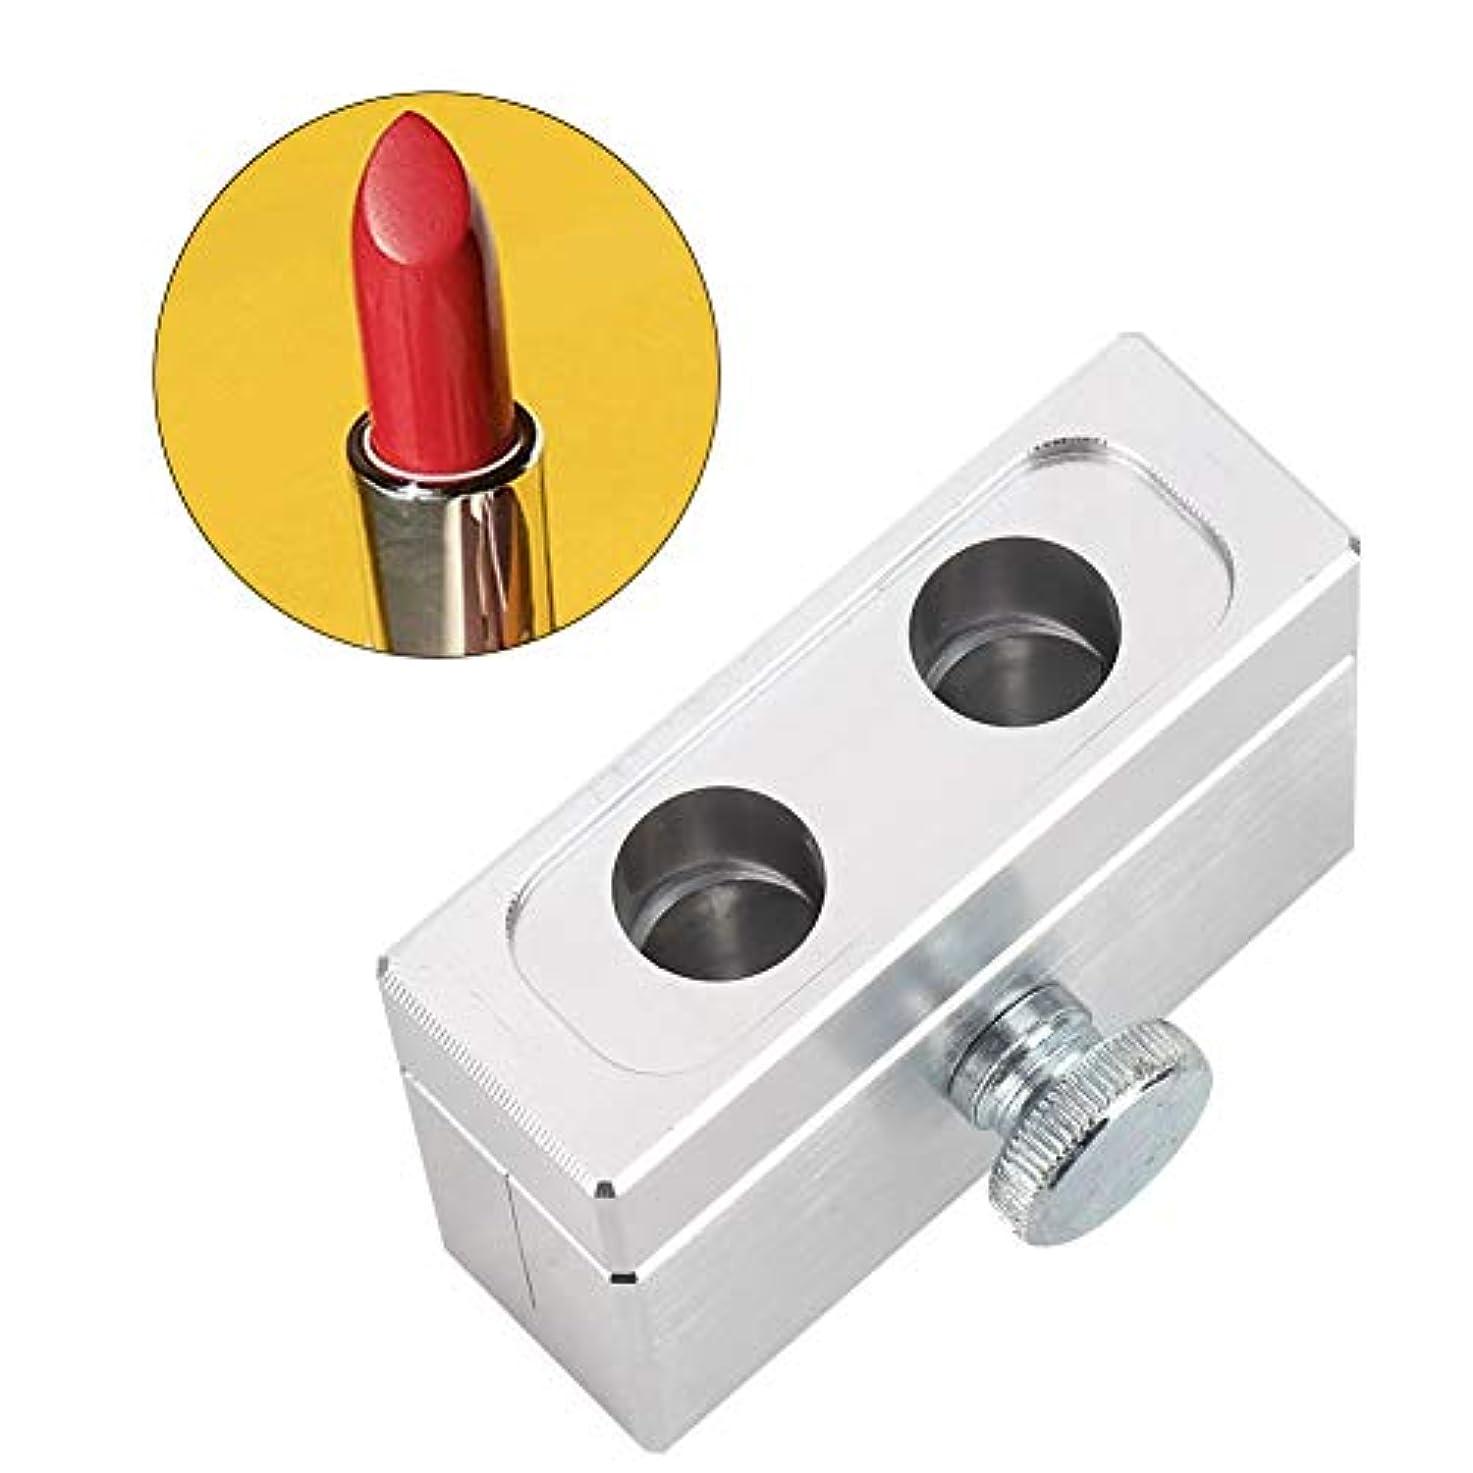 モードリン悩みフィクションDIY口紅型、口紅容器 12.1mm 2穴くちばし型アルミニウム合金リップバームモールドホルダートリプル使用化粧品リップバームフィルメーカー成形ツール(銀色)